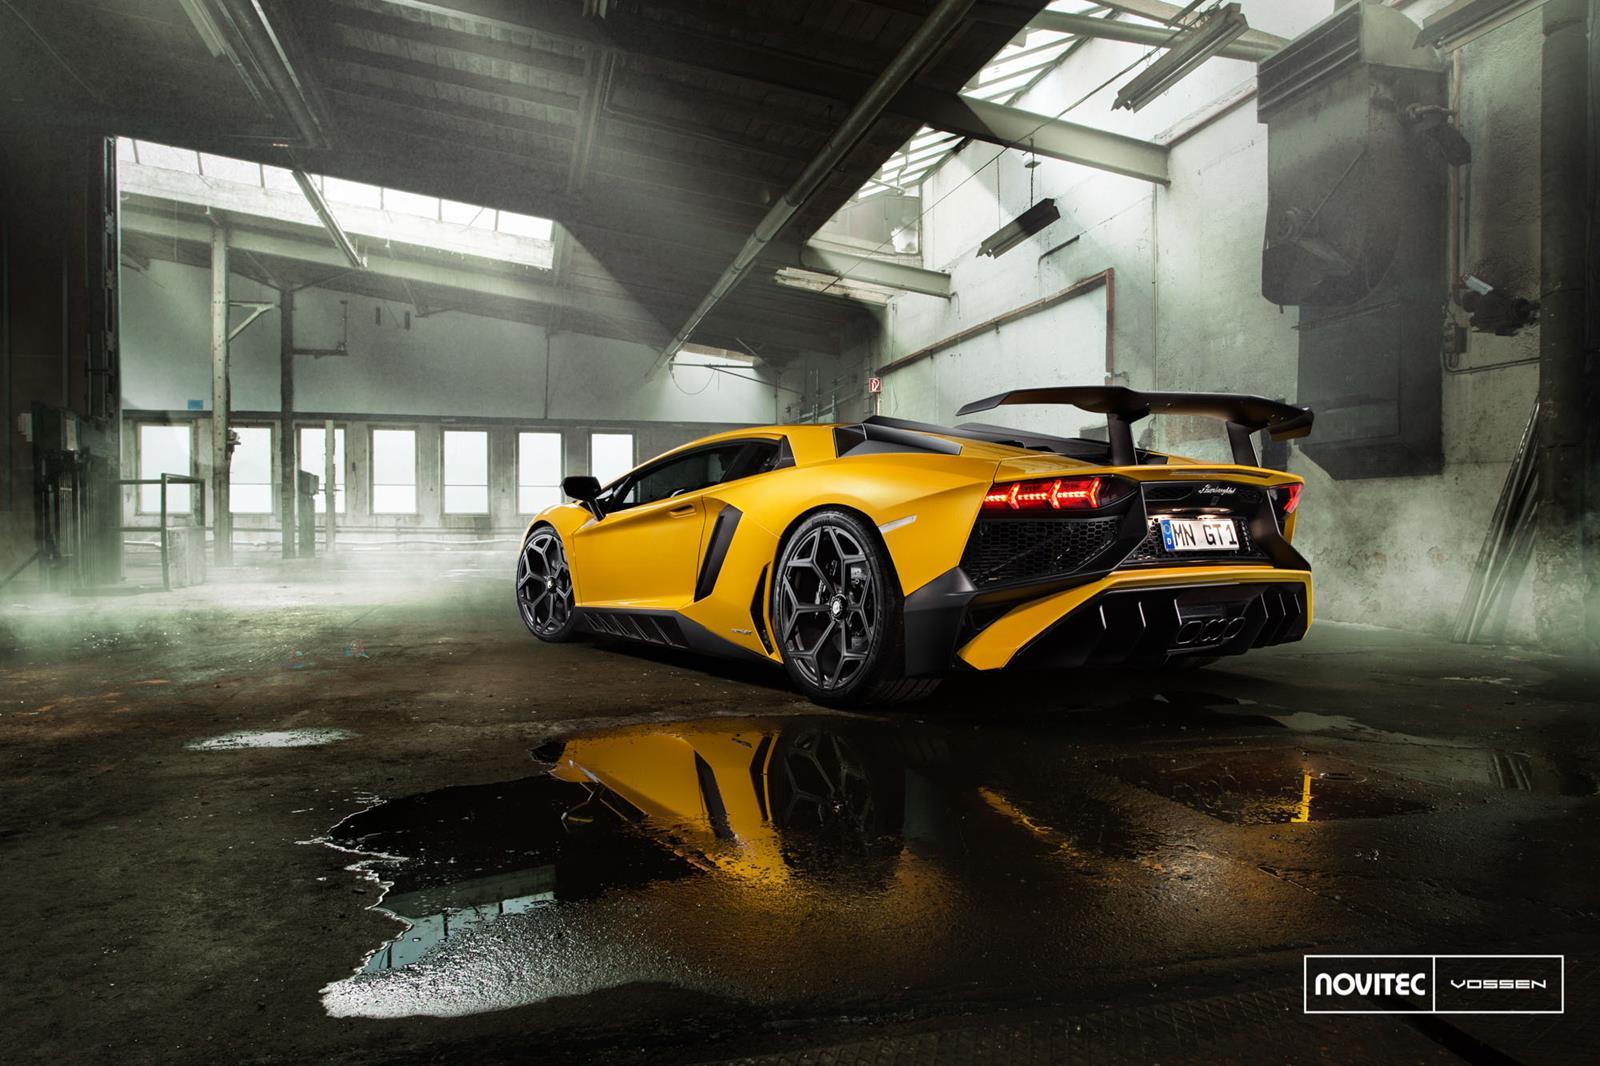 Lamborghini_Aventador SV_NV1_be277f35.jpg